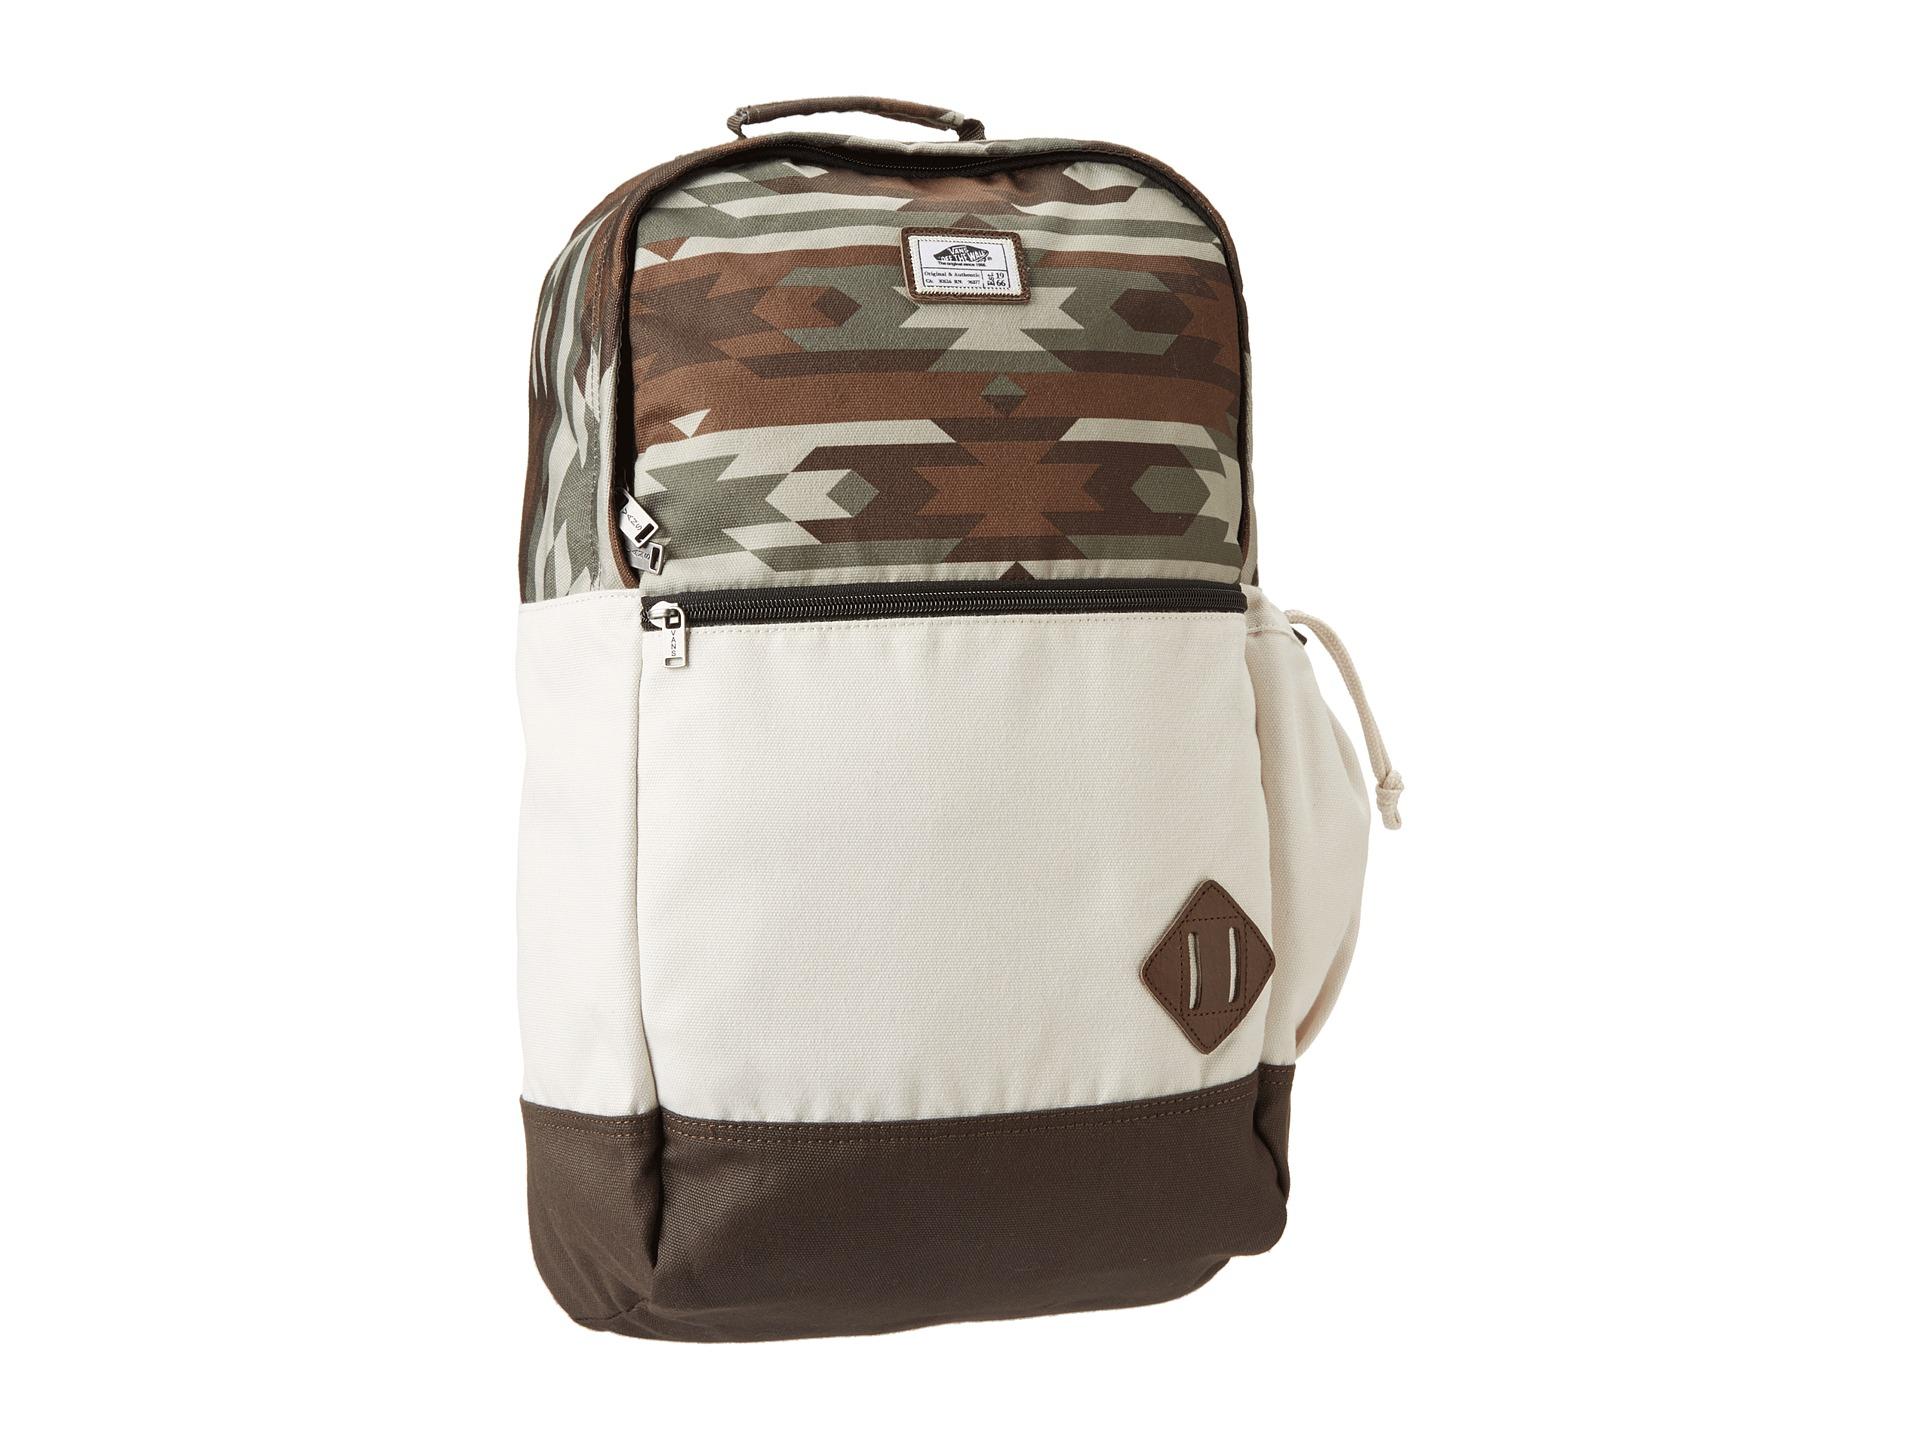 6d68fc4efd Lyst - Vans Van Doren Ii Backpack in Brown for Men